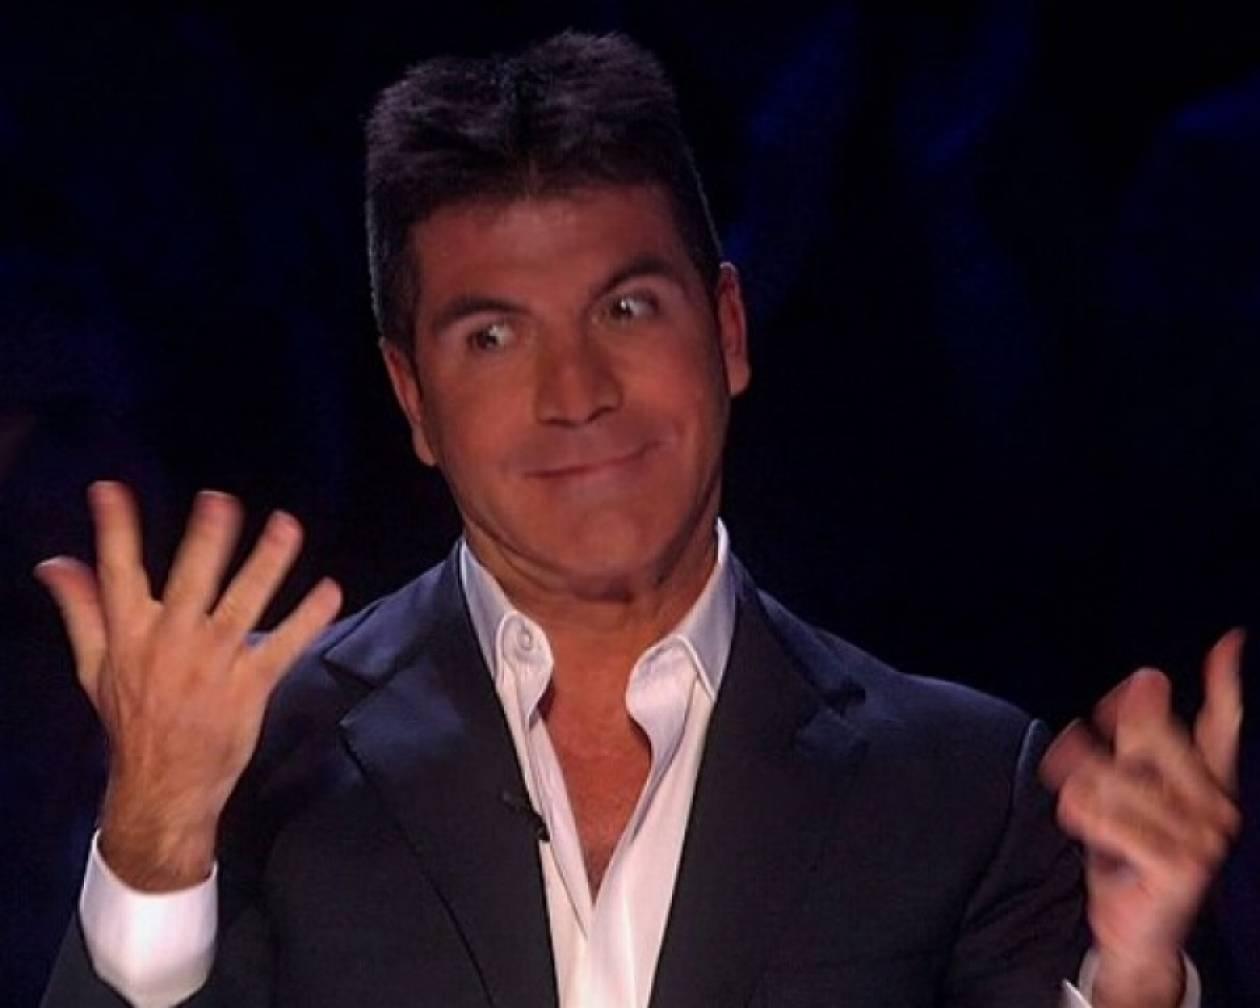 Οι κριτές του Χ Factor ένιωσαν την οργή του Simon Cowell